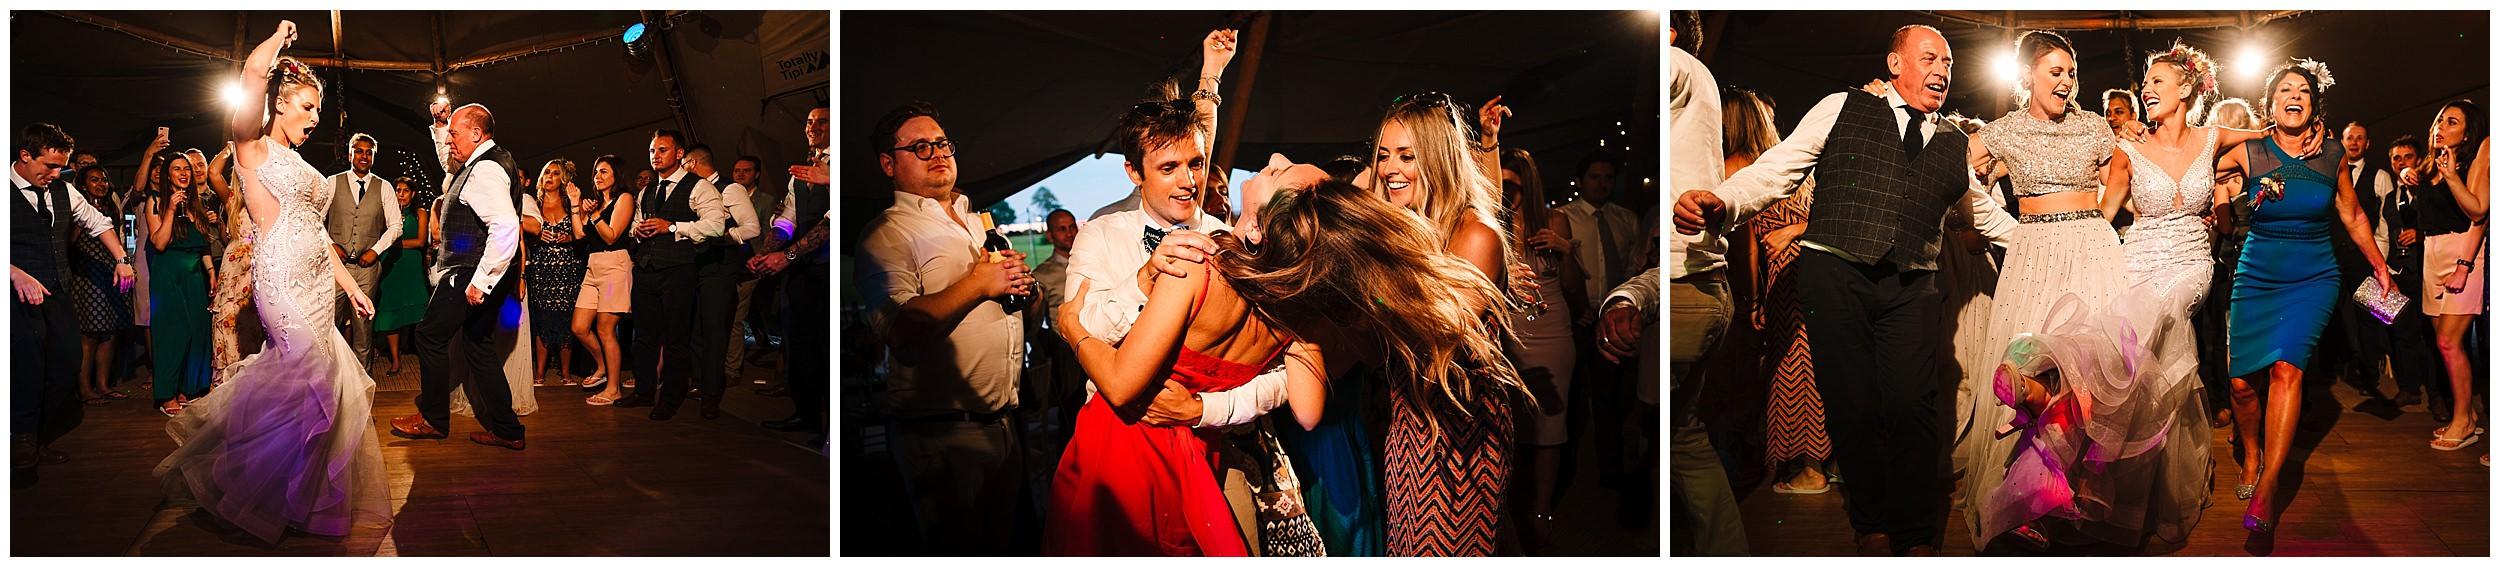 guests dancing on a wedding dance floor